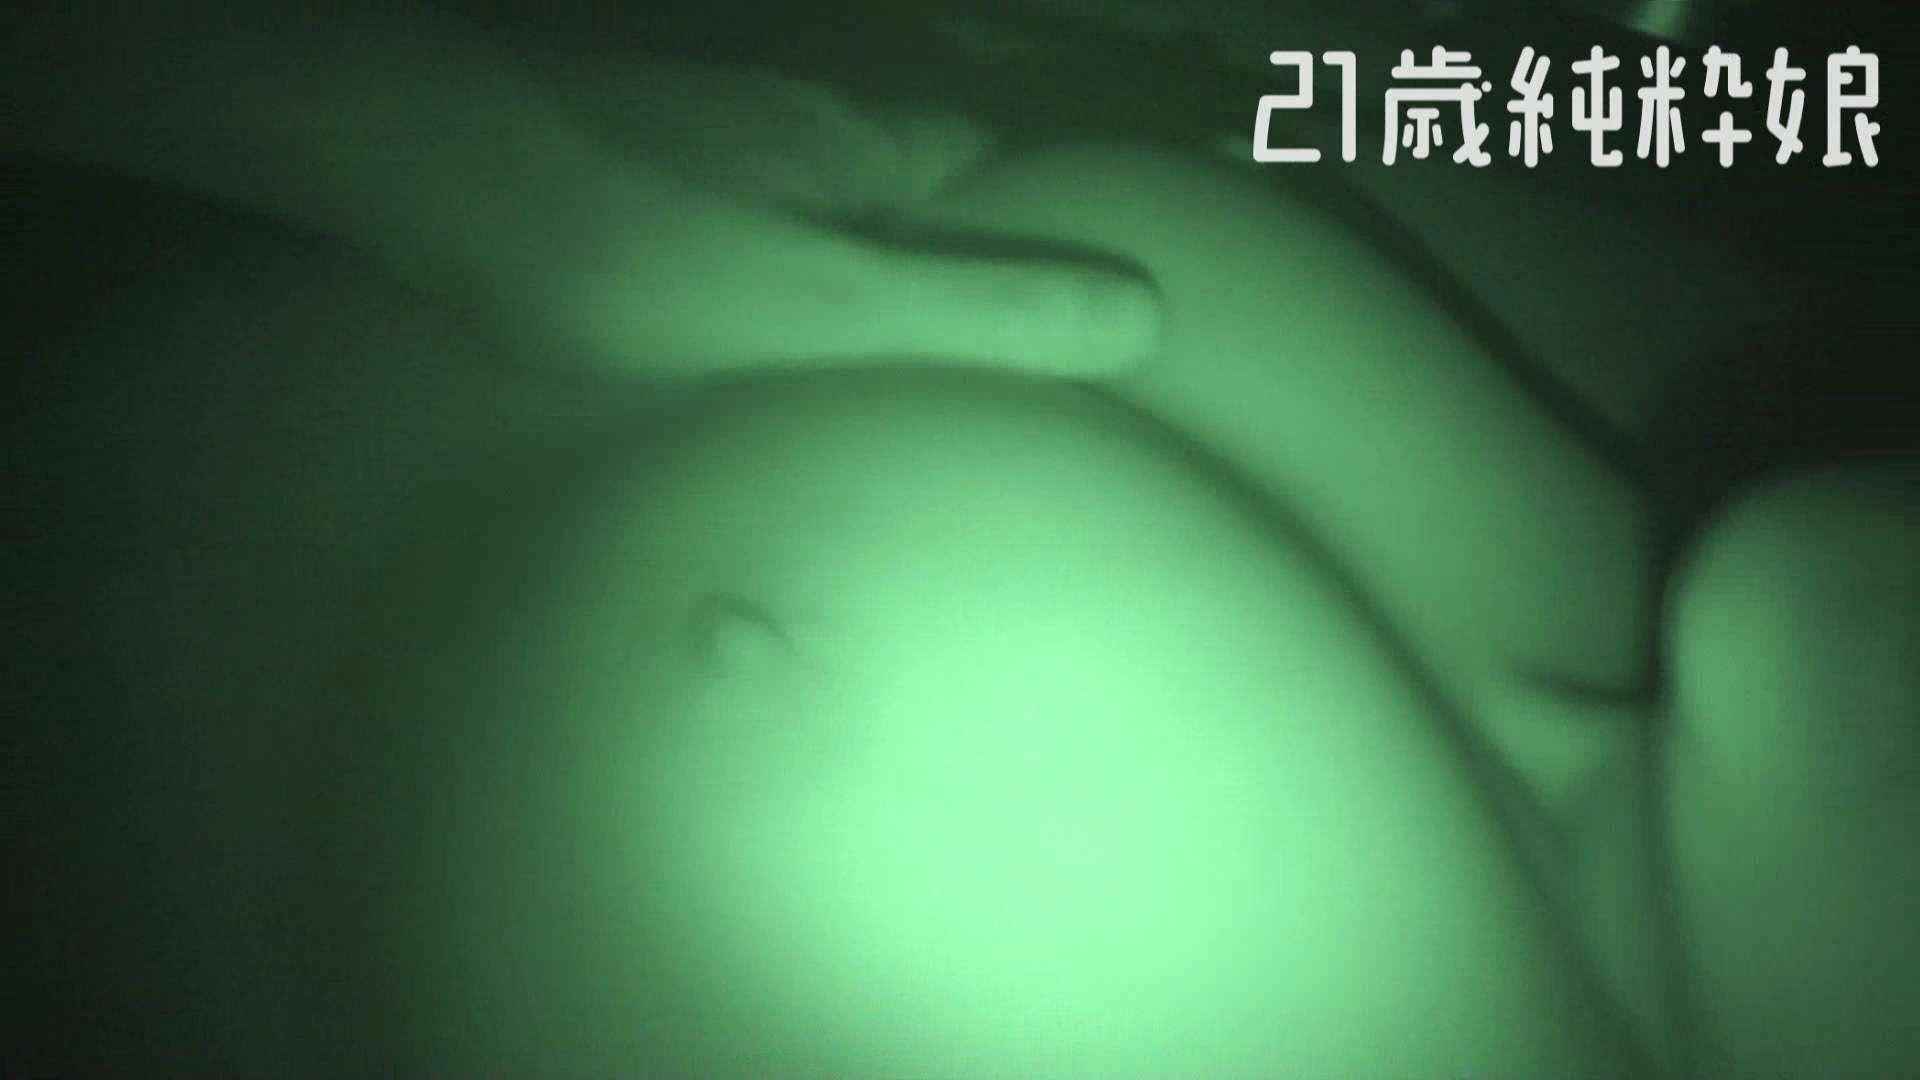 上京したばかりのGカップ21歳純粋嬢を都合の良い女にしてみた3 一般投稿 | オナニー特集  54画像 54